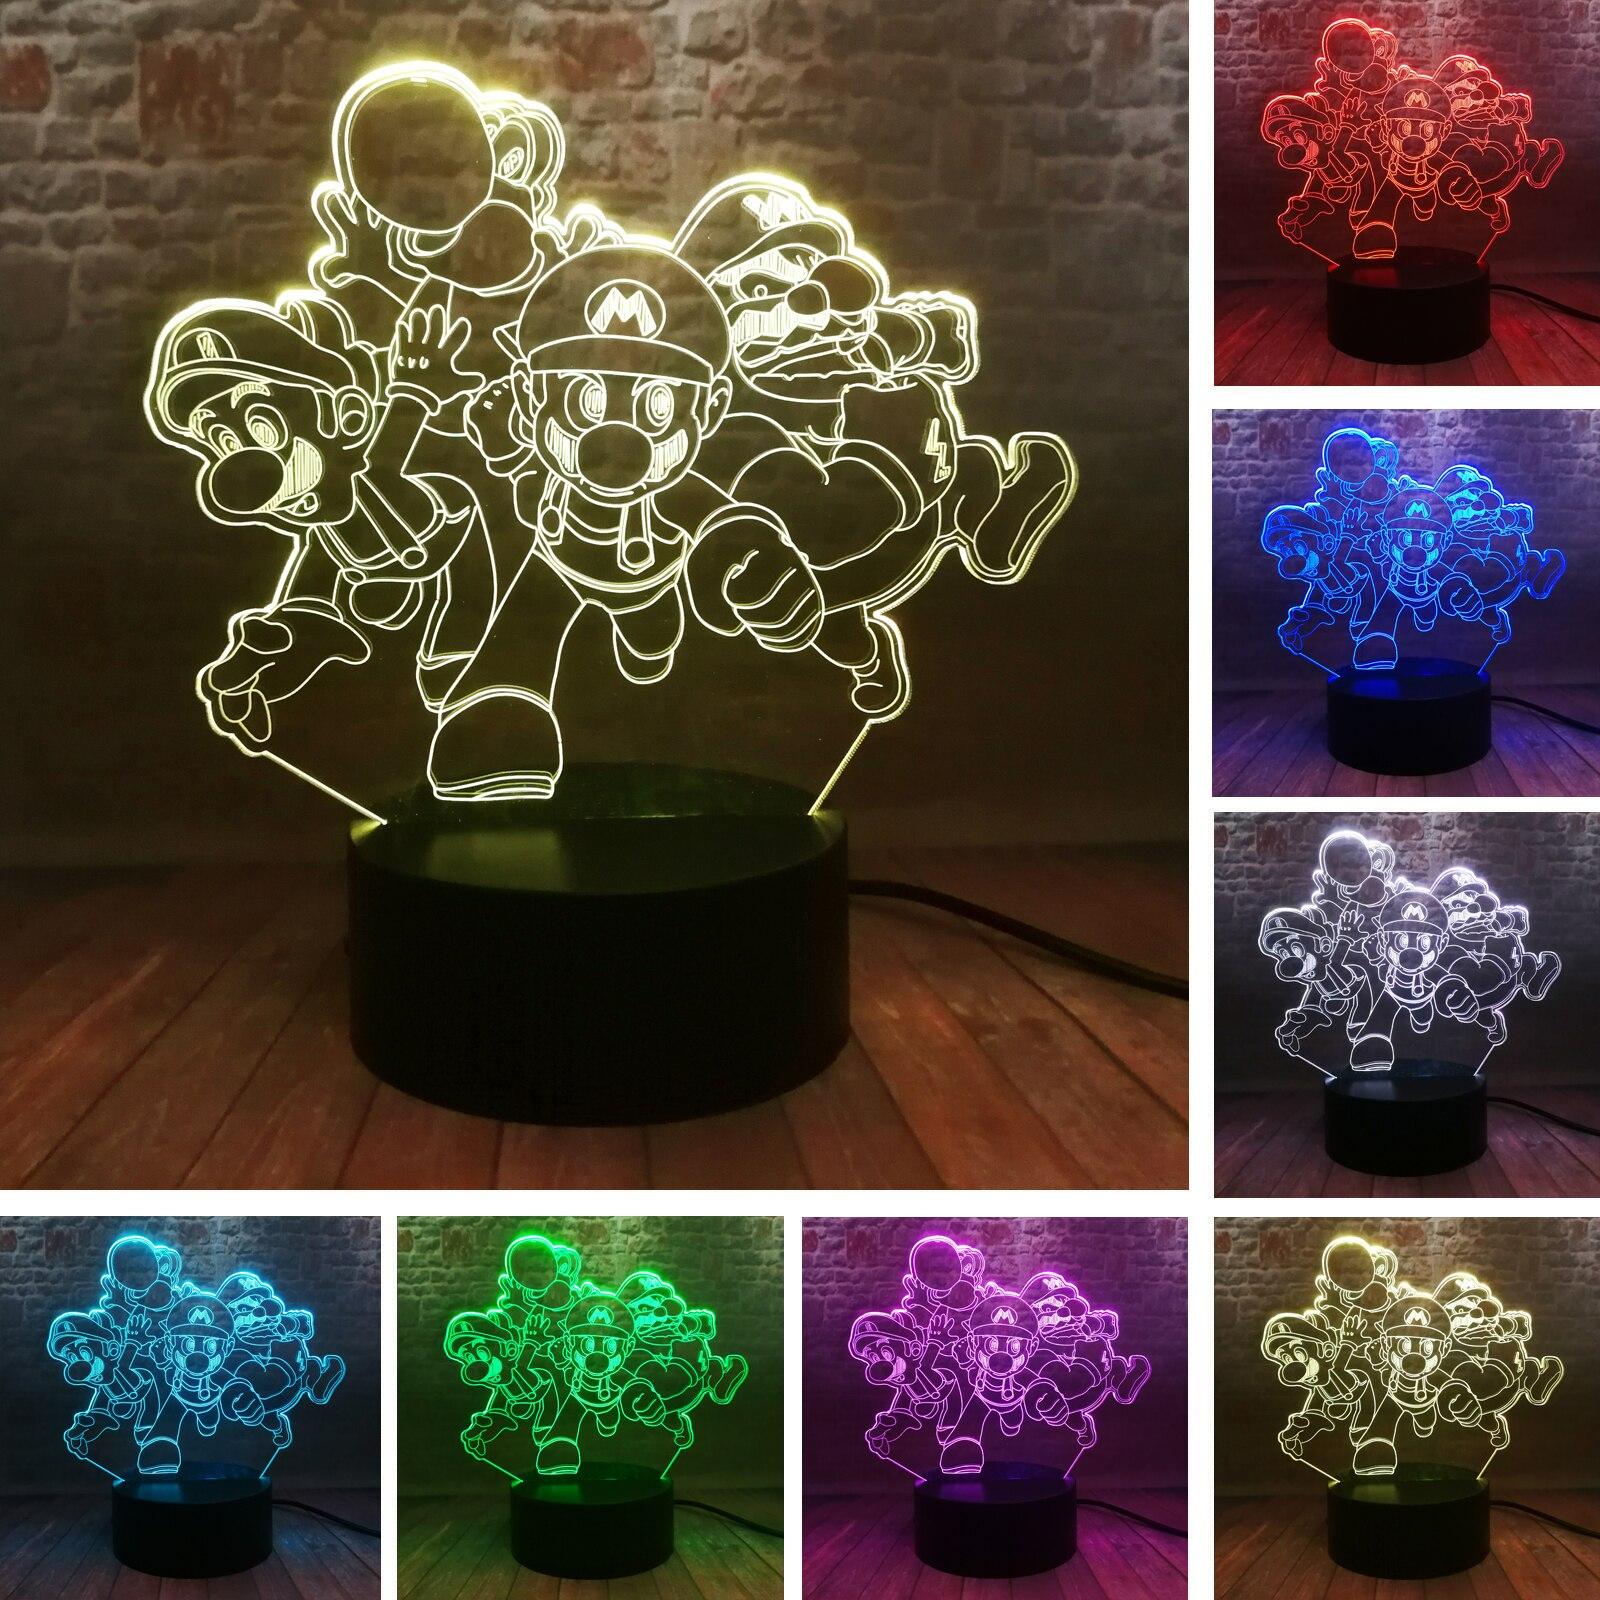 Игра Super Mario Bros Family Team Yoshi фигурку Ночной светильник светодиодный 7 цветов меняющий сенсорный 3D лампа для спальни для детей и малышей